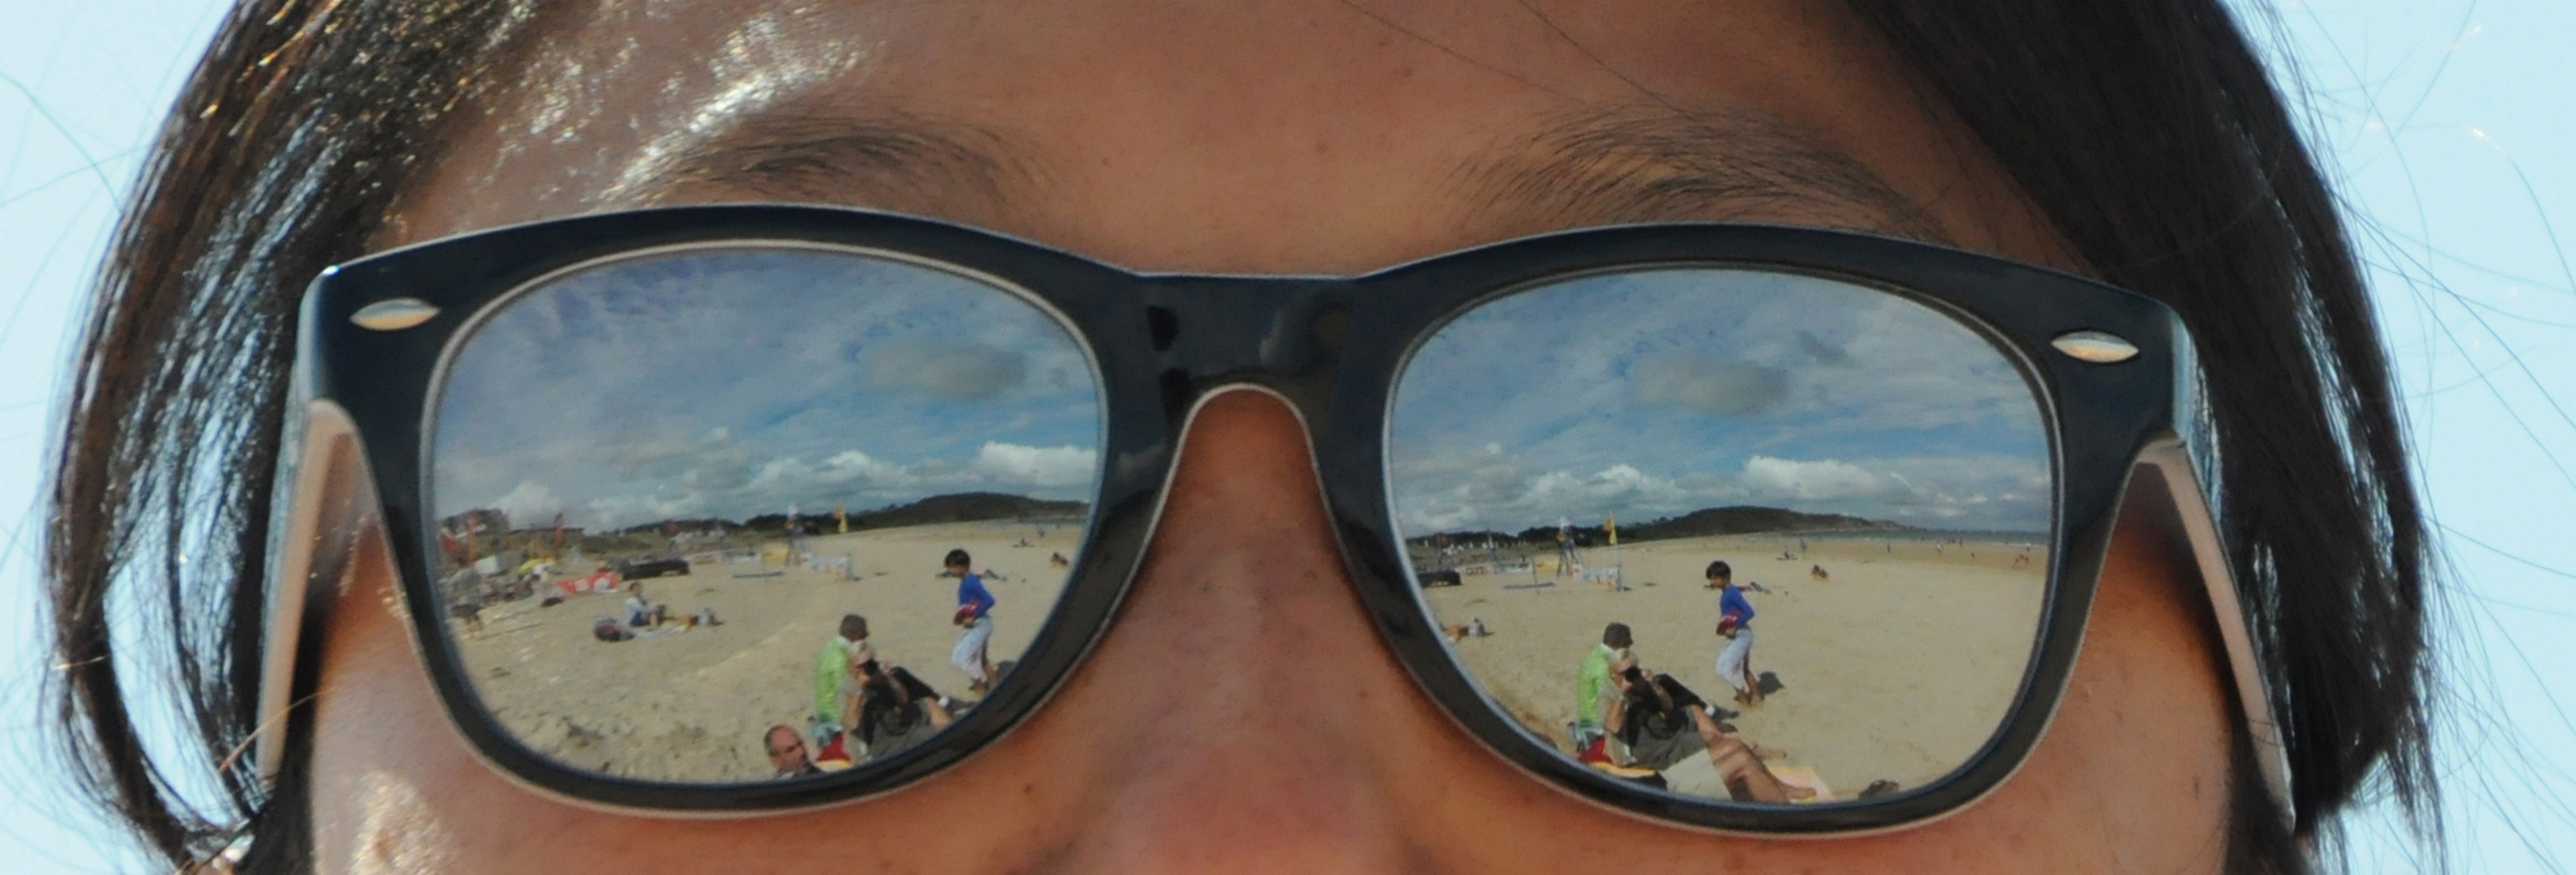 VL1-lunettes DSC_7255M